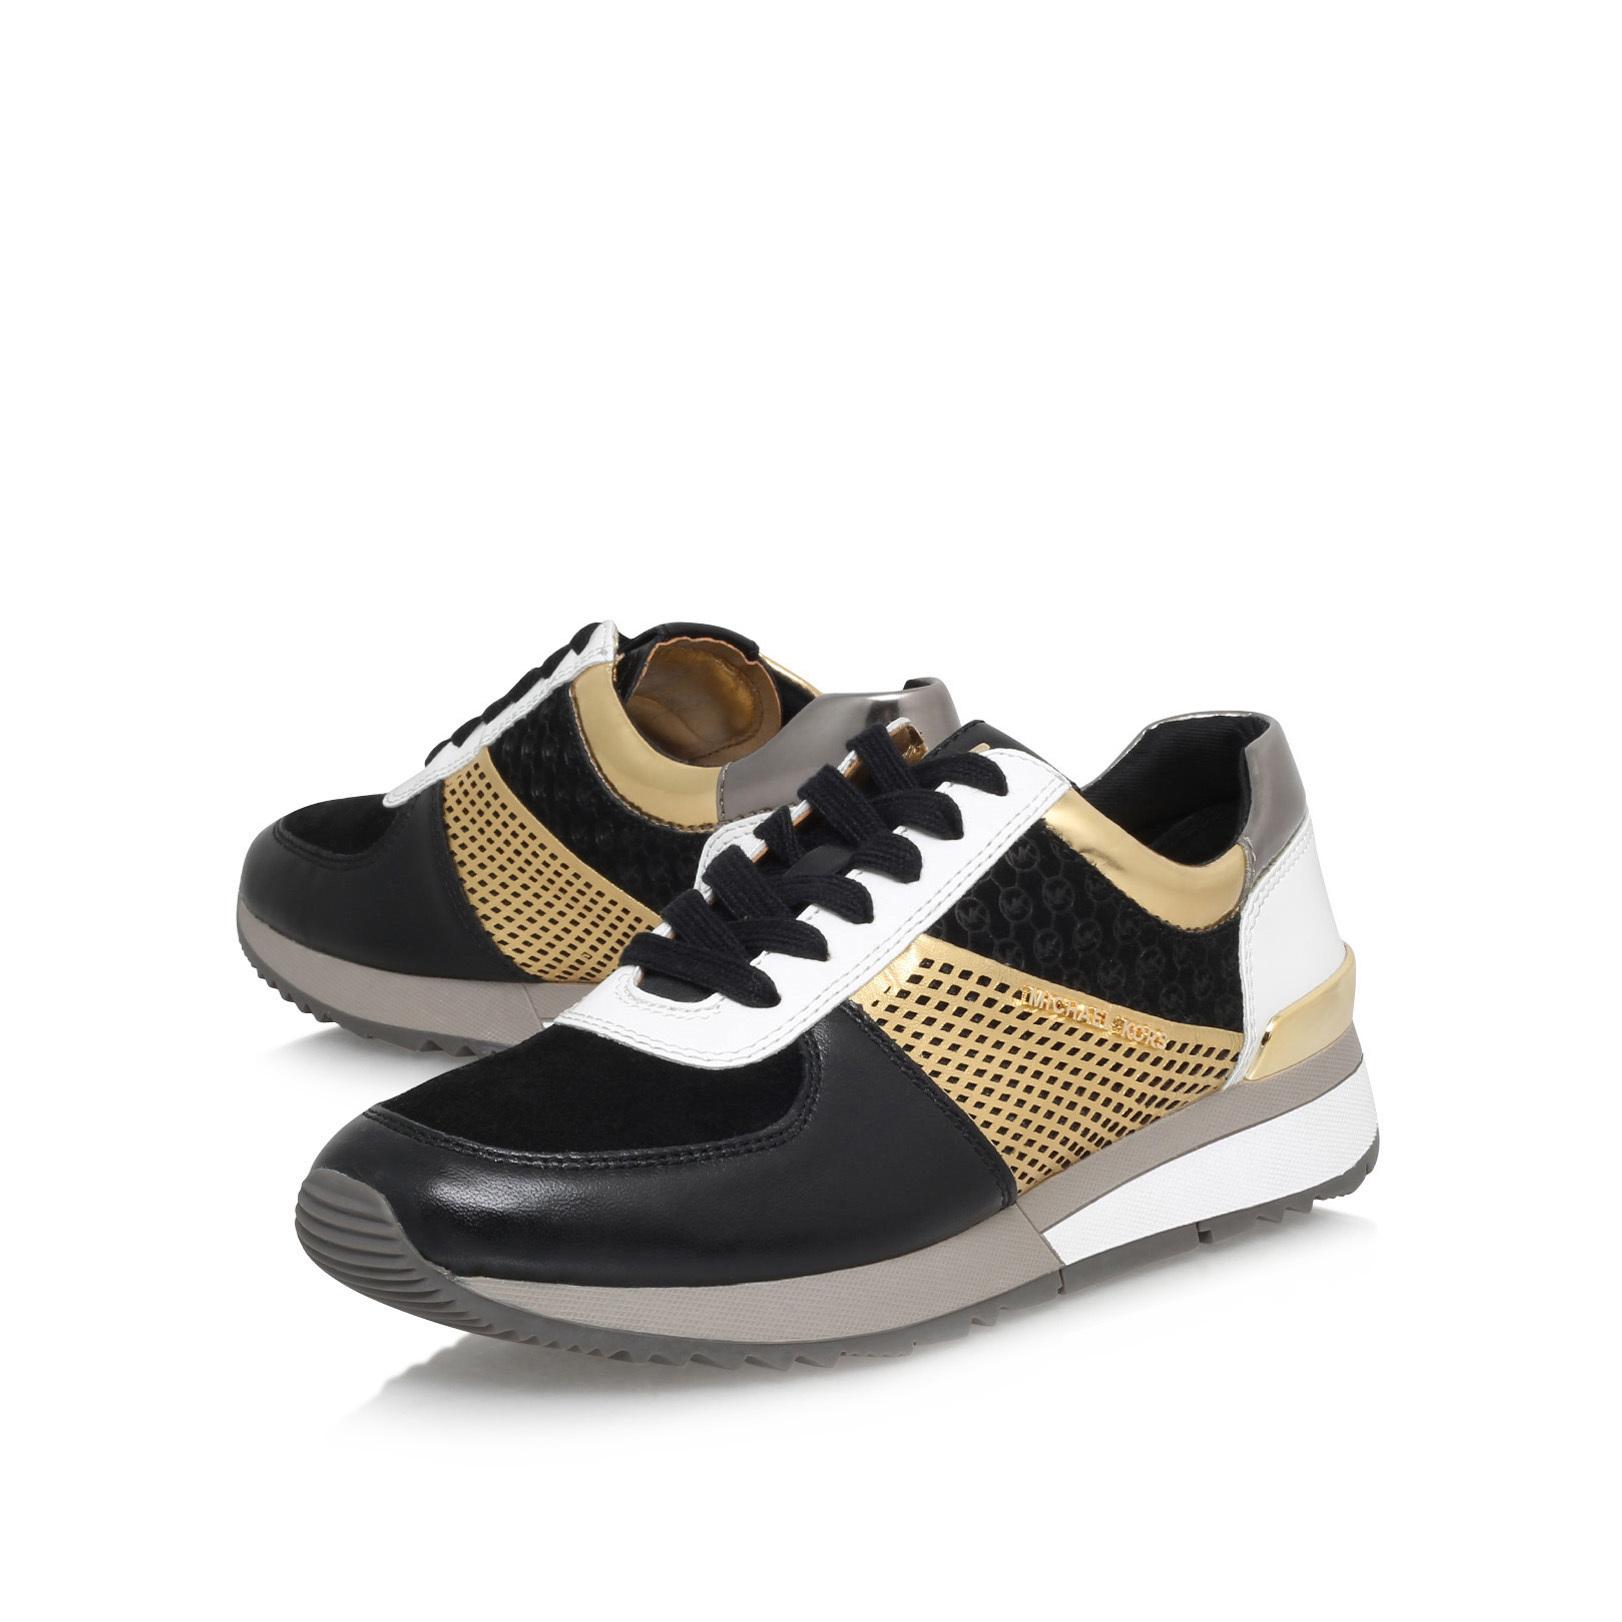 Amazon Uk Michael Kors Shoes